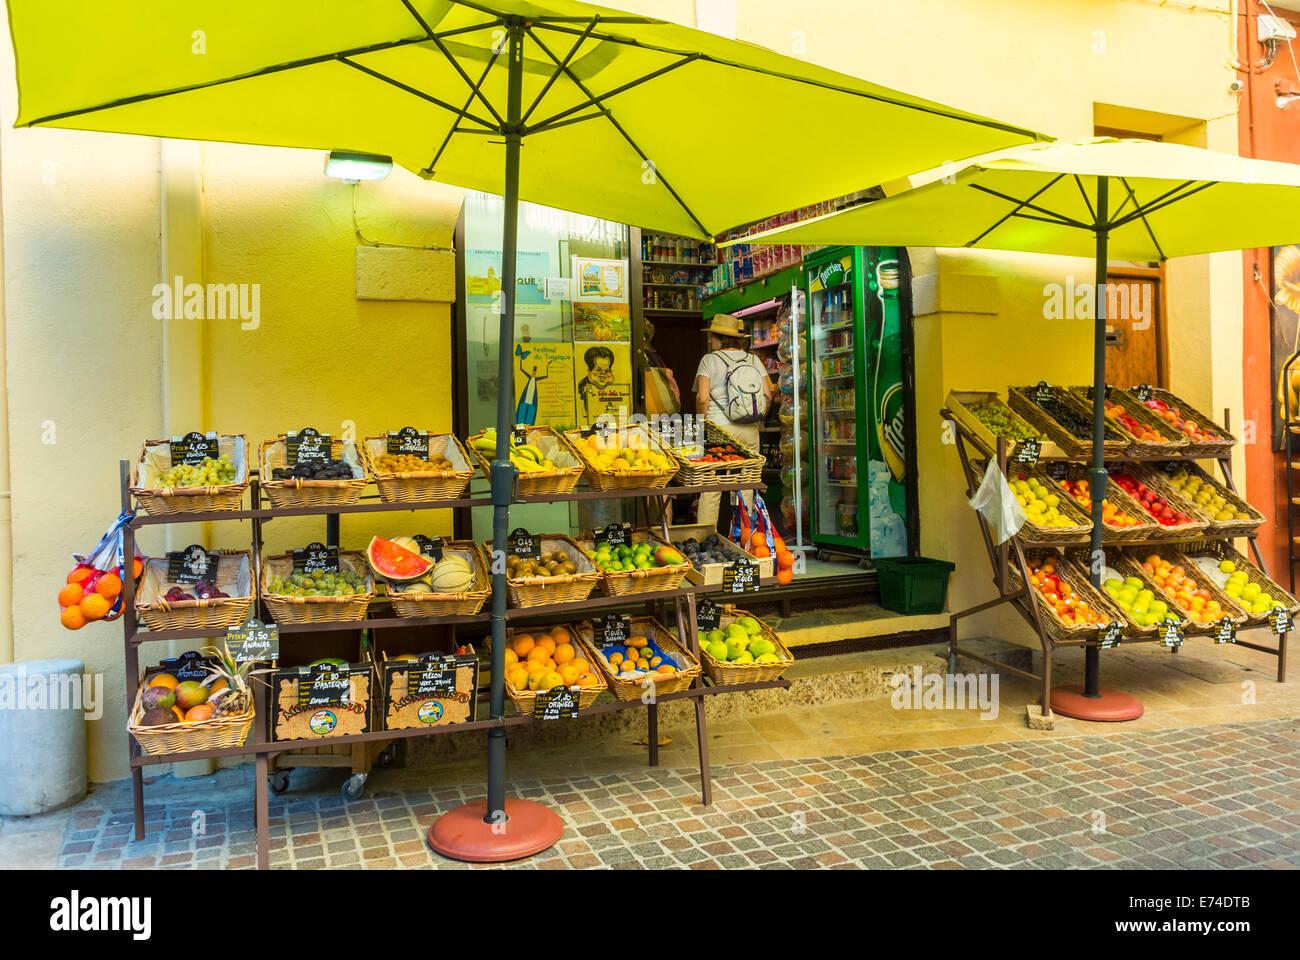 Collioure, France, en français la nourriture fraîche, magasin d'affichage sur rue dans village de Photo Stock